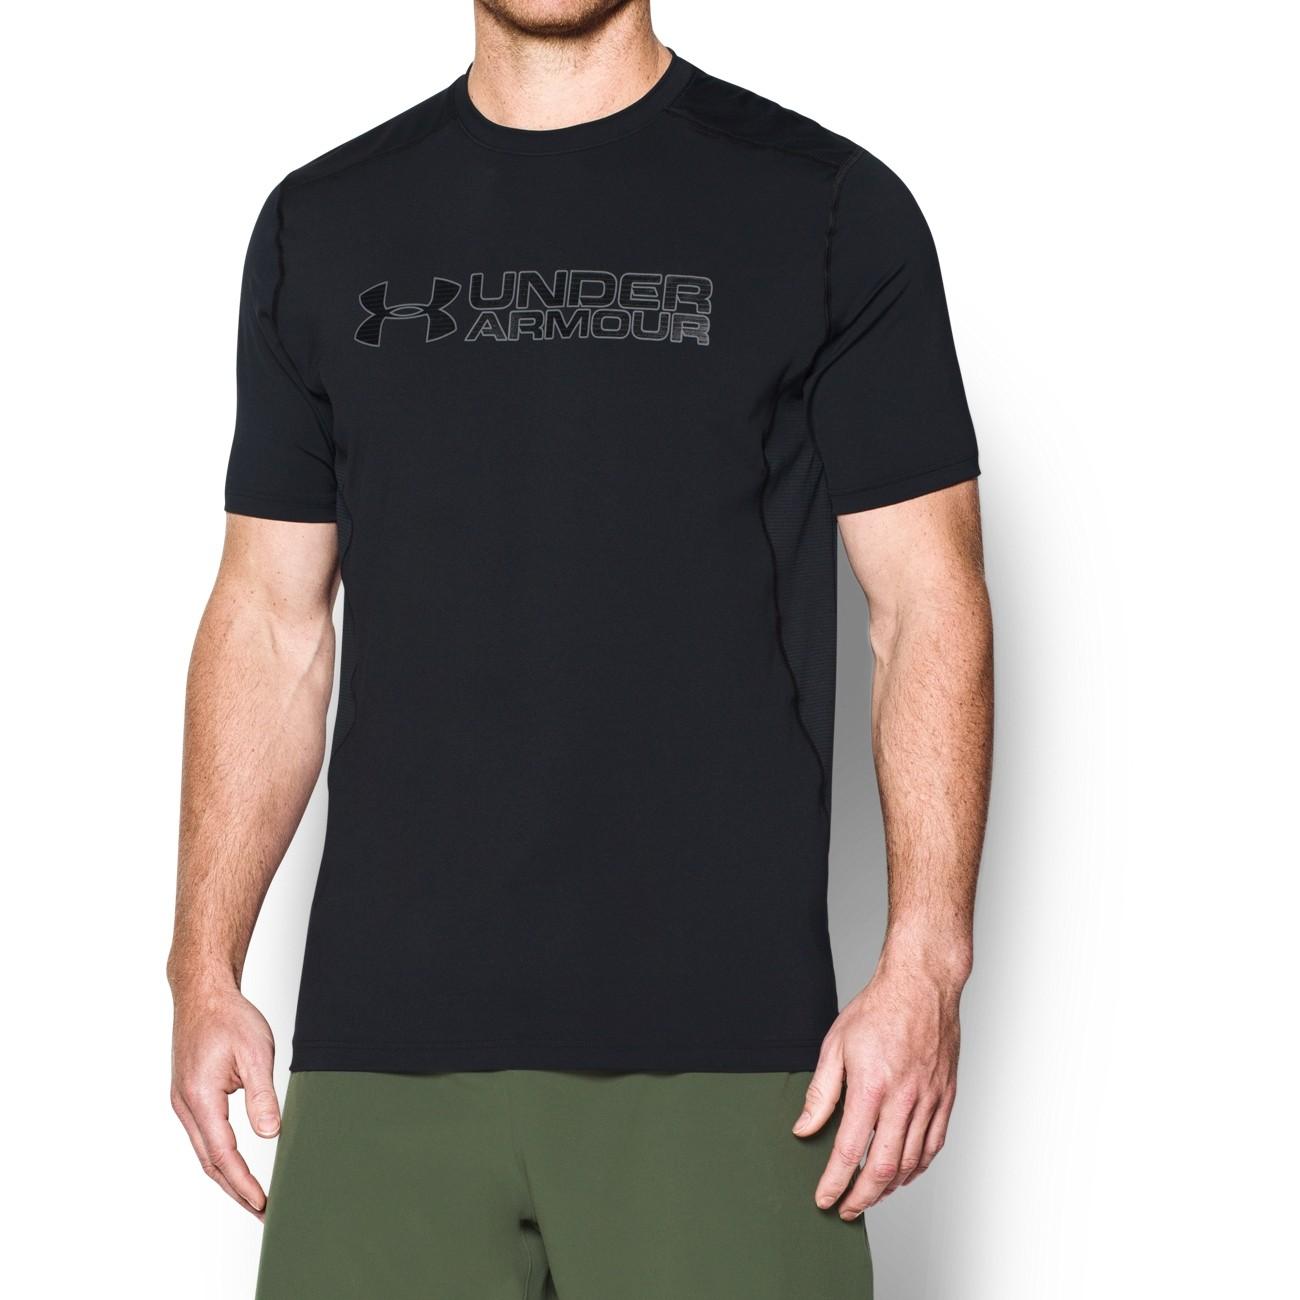 חולצת אנדר ארמור Under Armour Raid Graphic SS T-Shirt 1292648-001